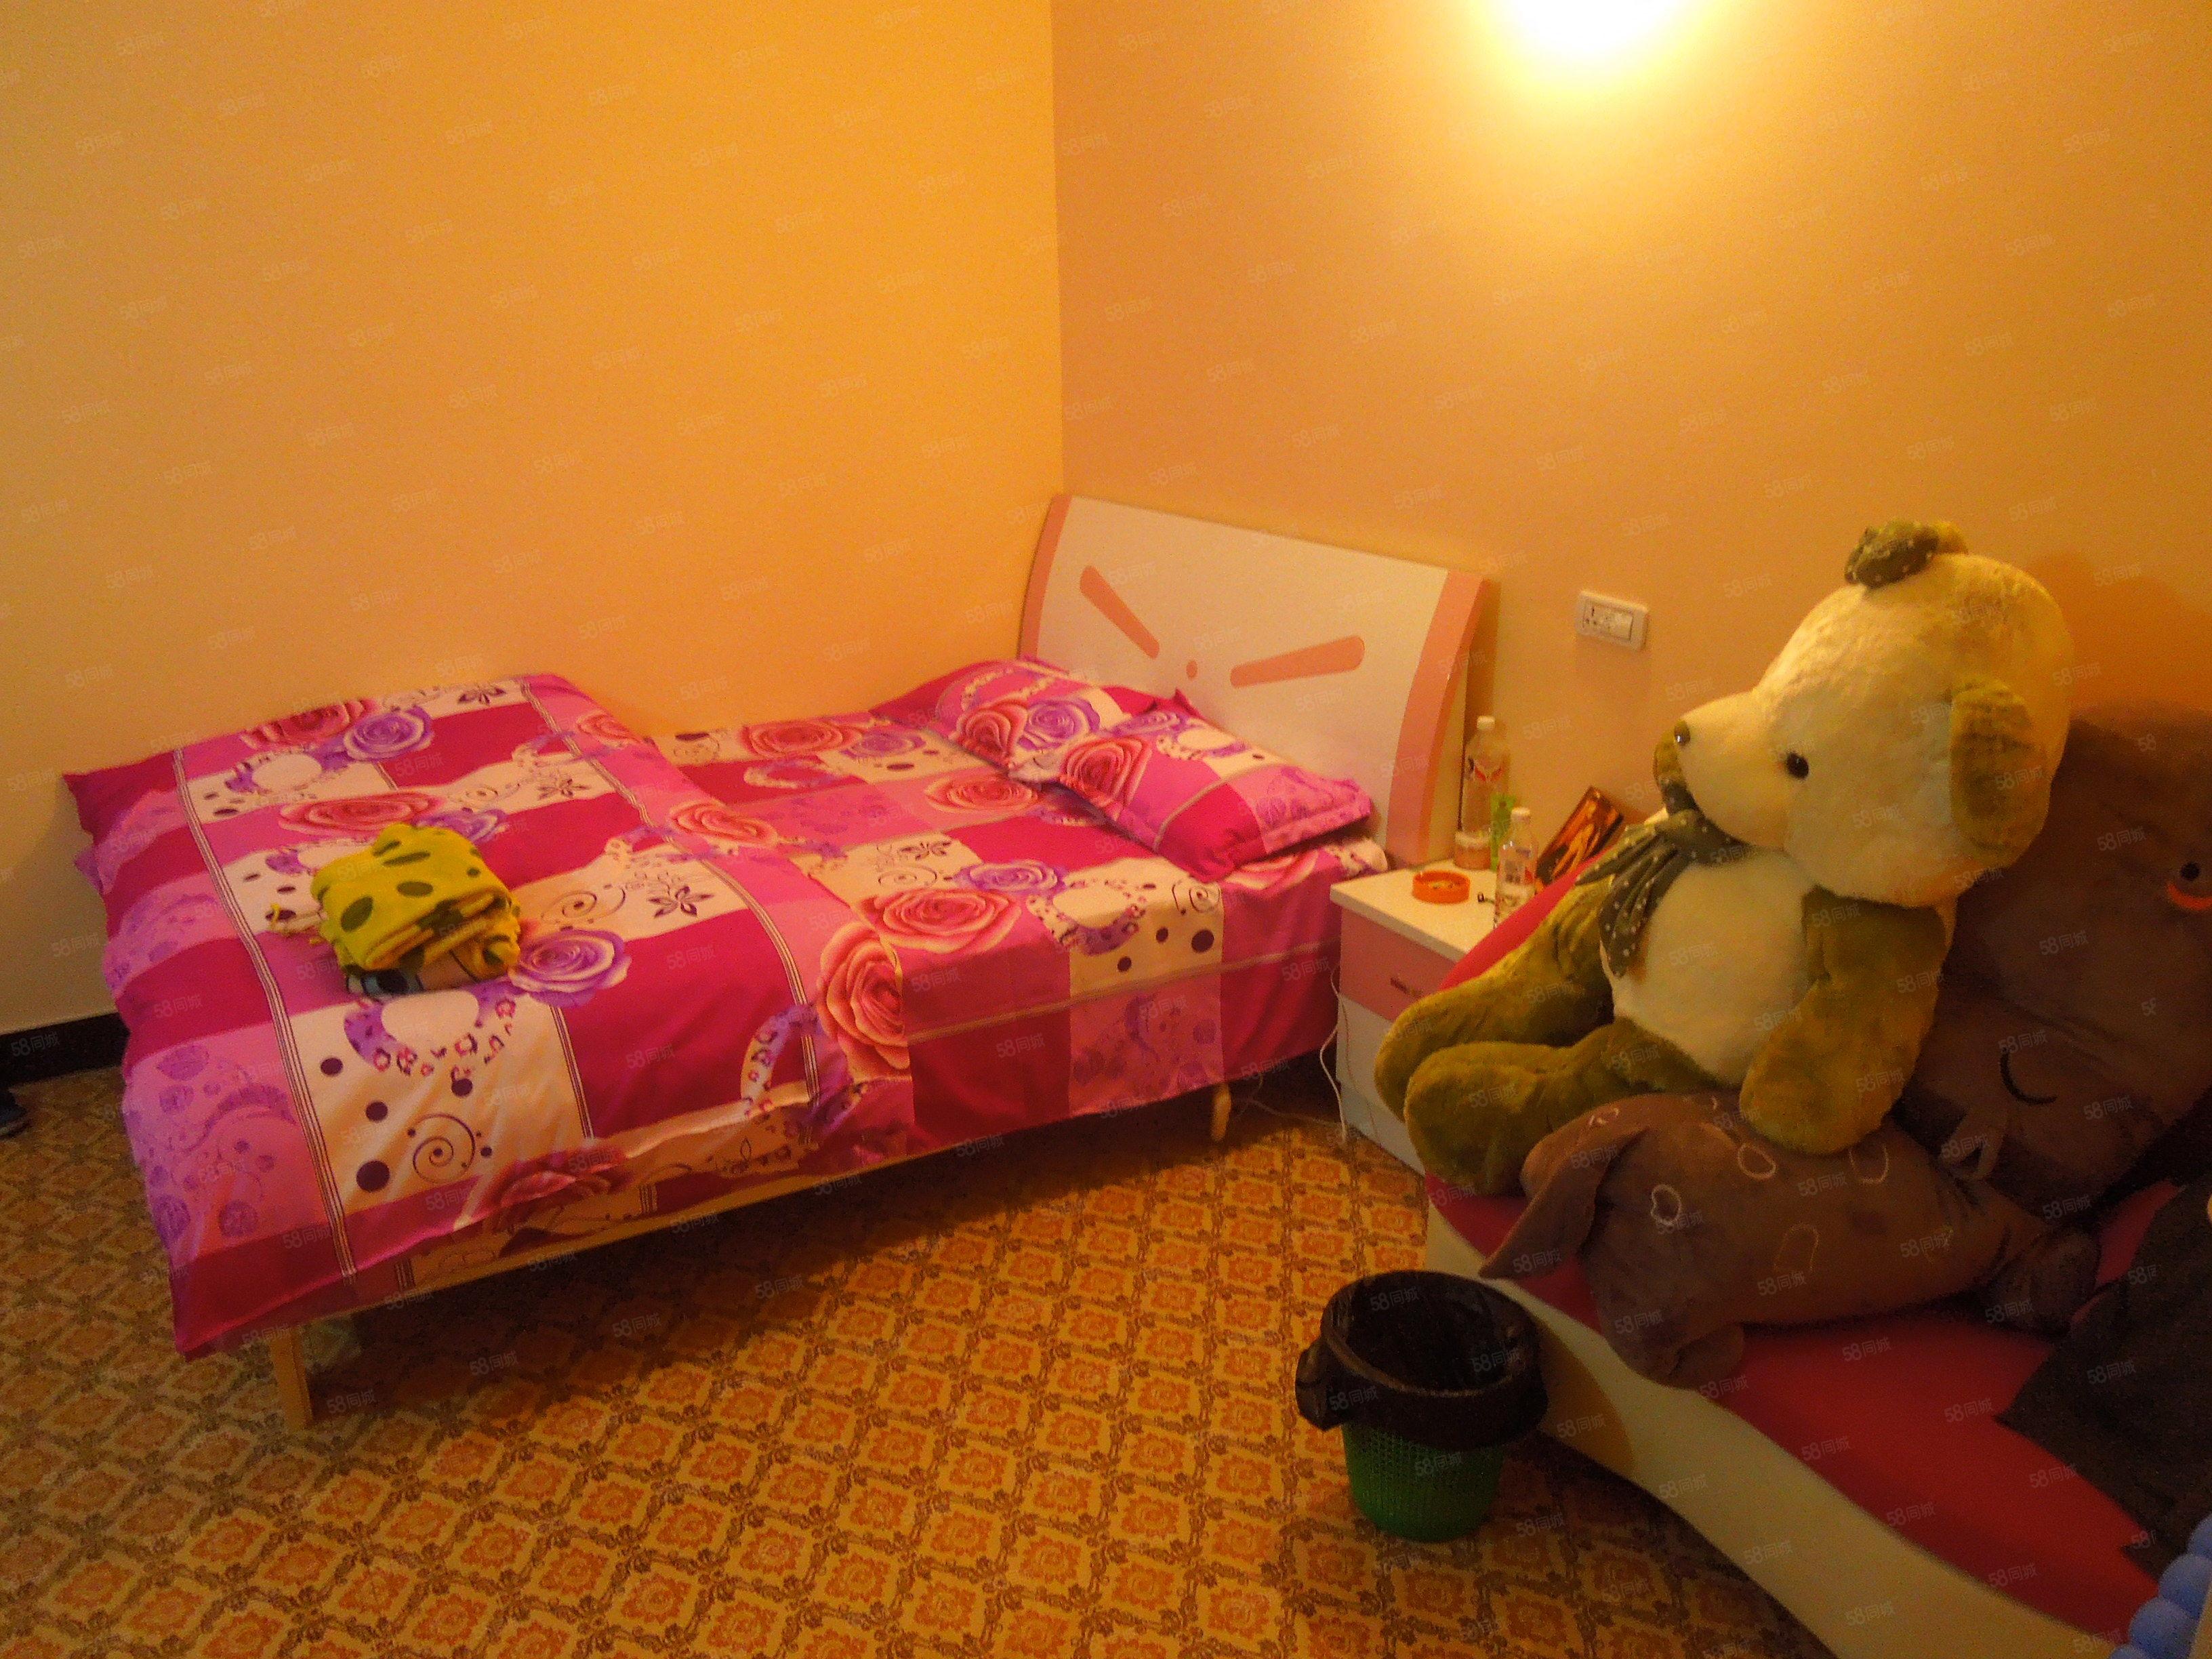 金滩广场单身公寓房,带空调和冰箱租金便宜还有个小飘窗!